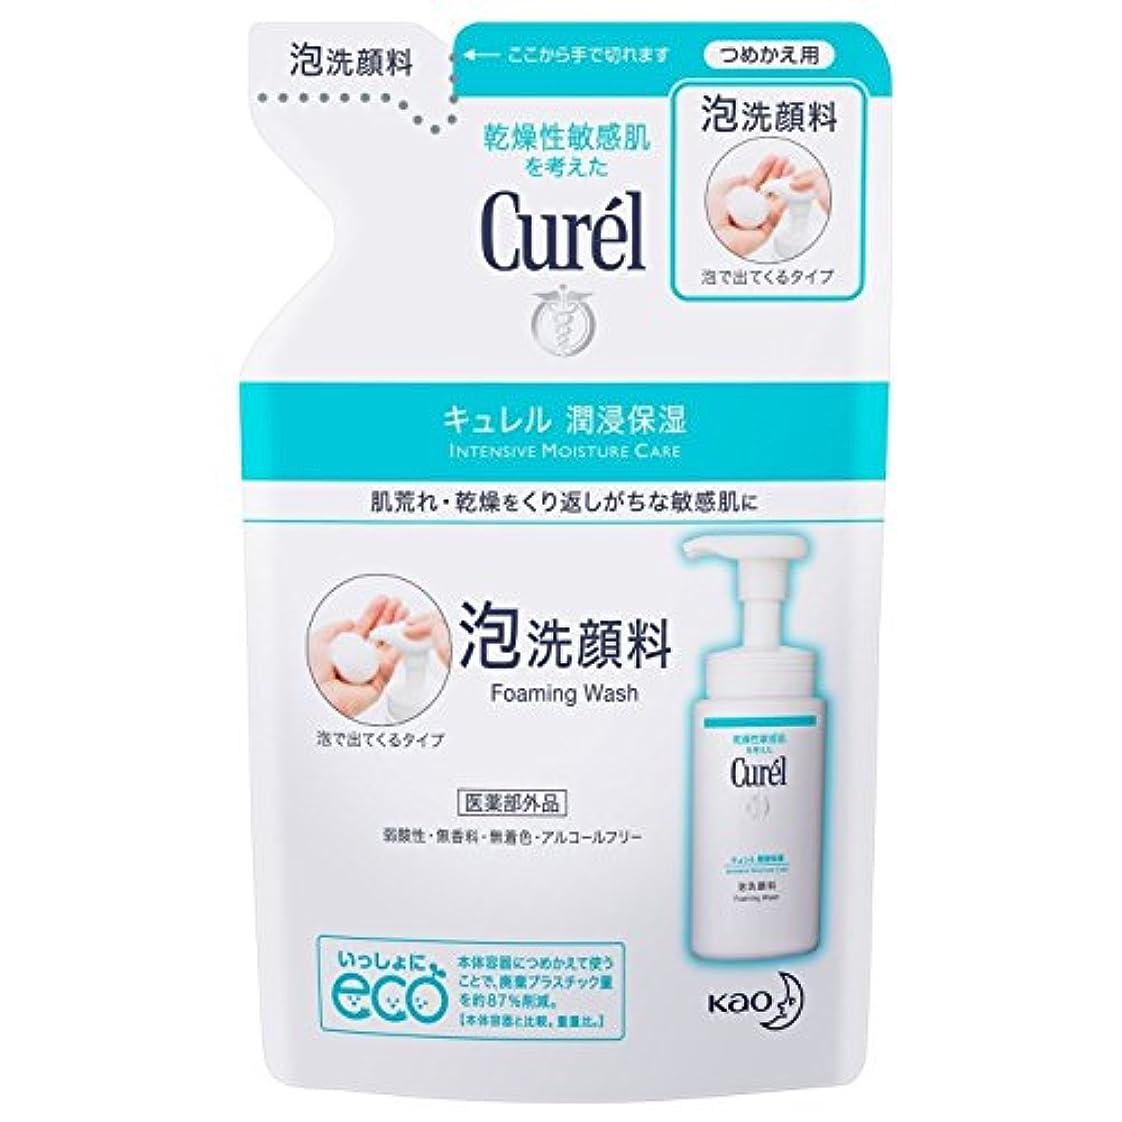 【花王】Curel(キュレル) 泡洗顔料 つめかえ用 130ml ×5個セット